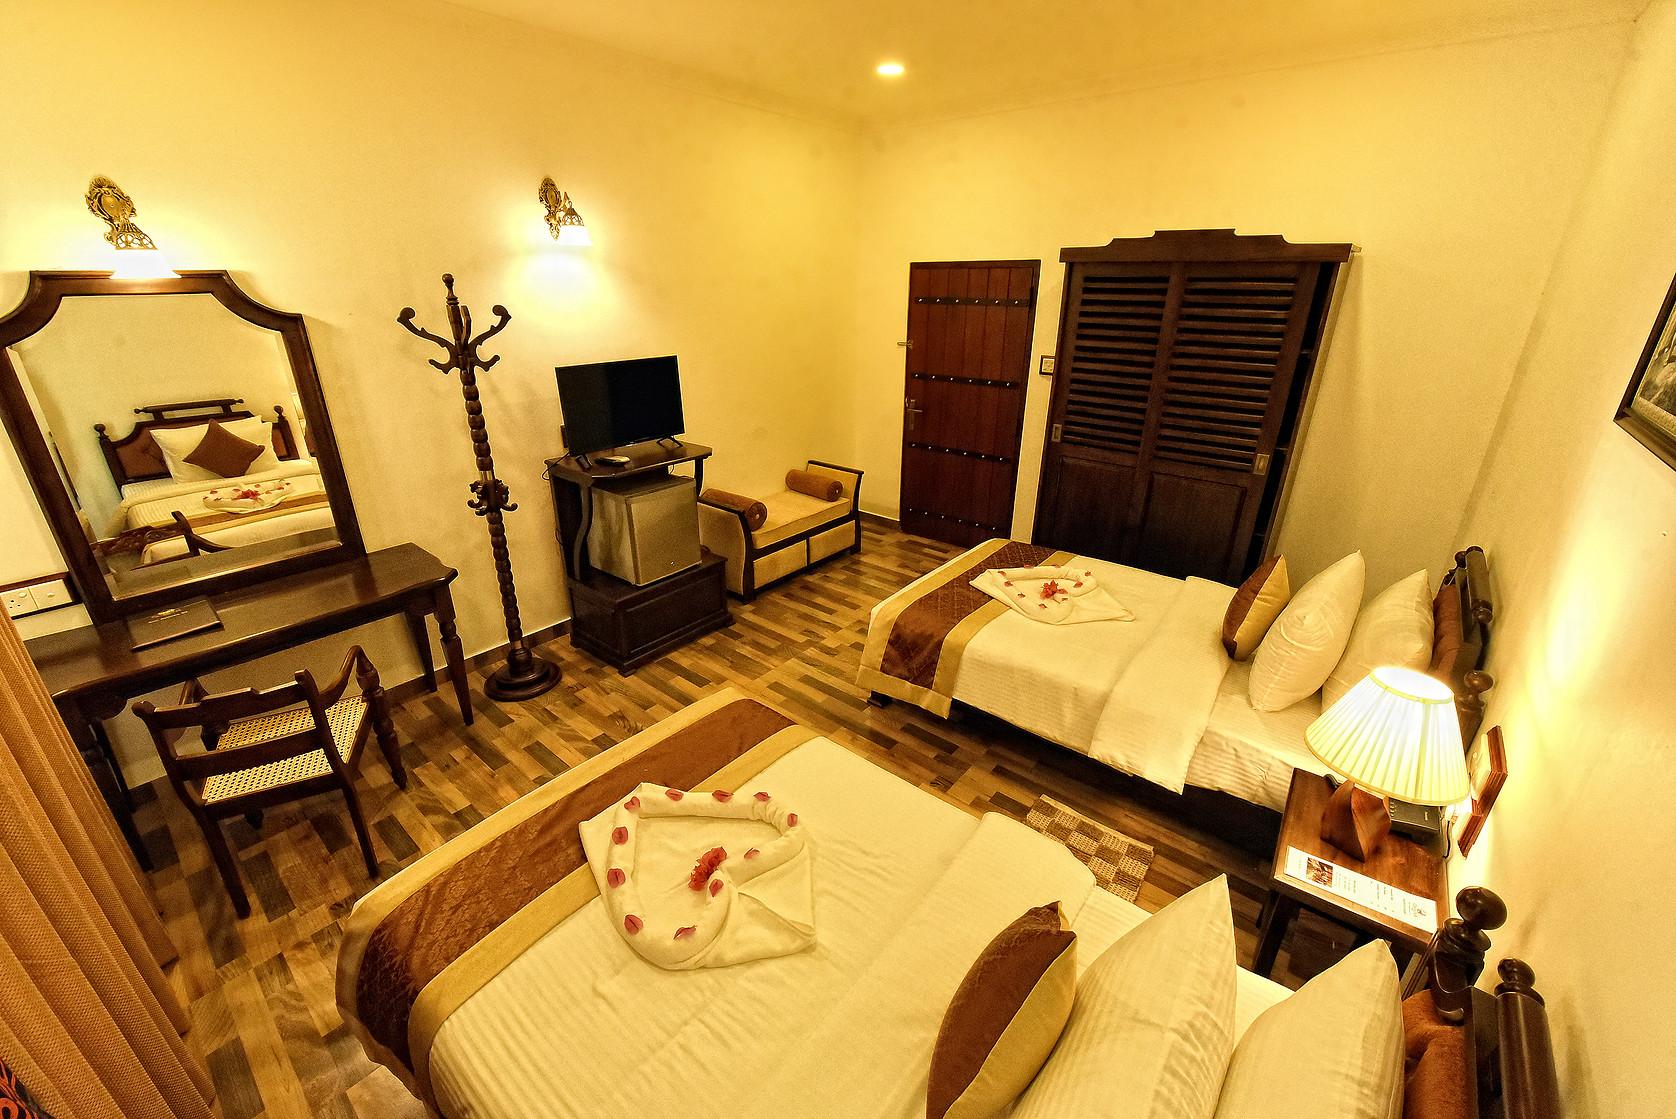 Bedroom View at Centauria Wild in Sri Lanka